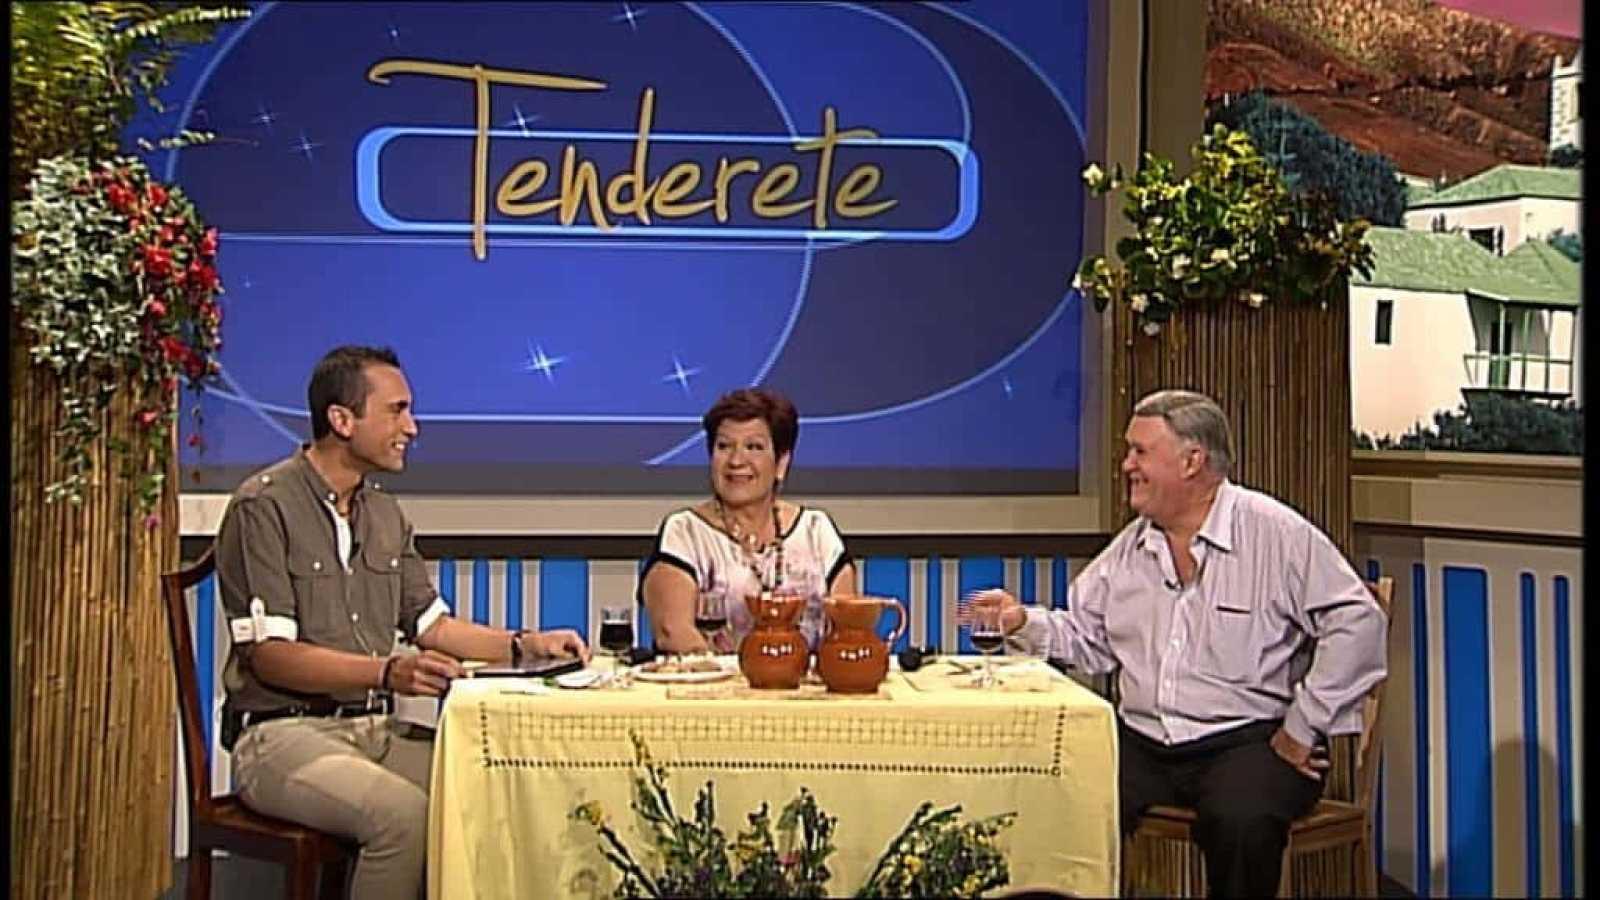 Programa 'Tenderete' de TVE Canarias